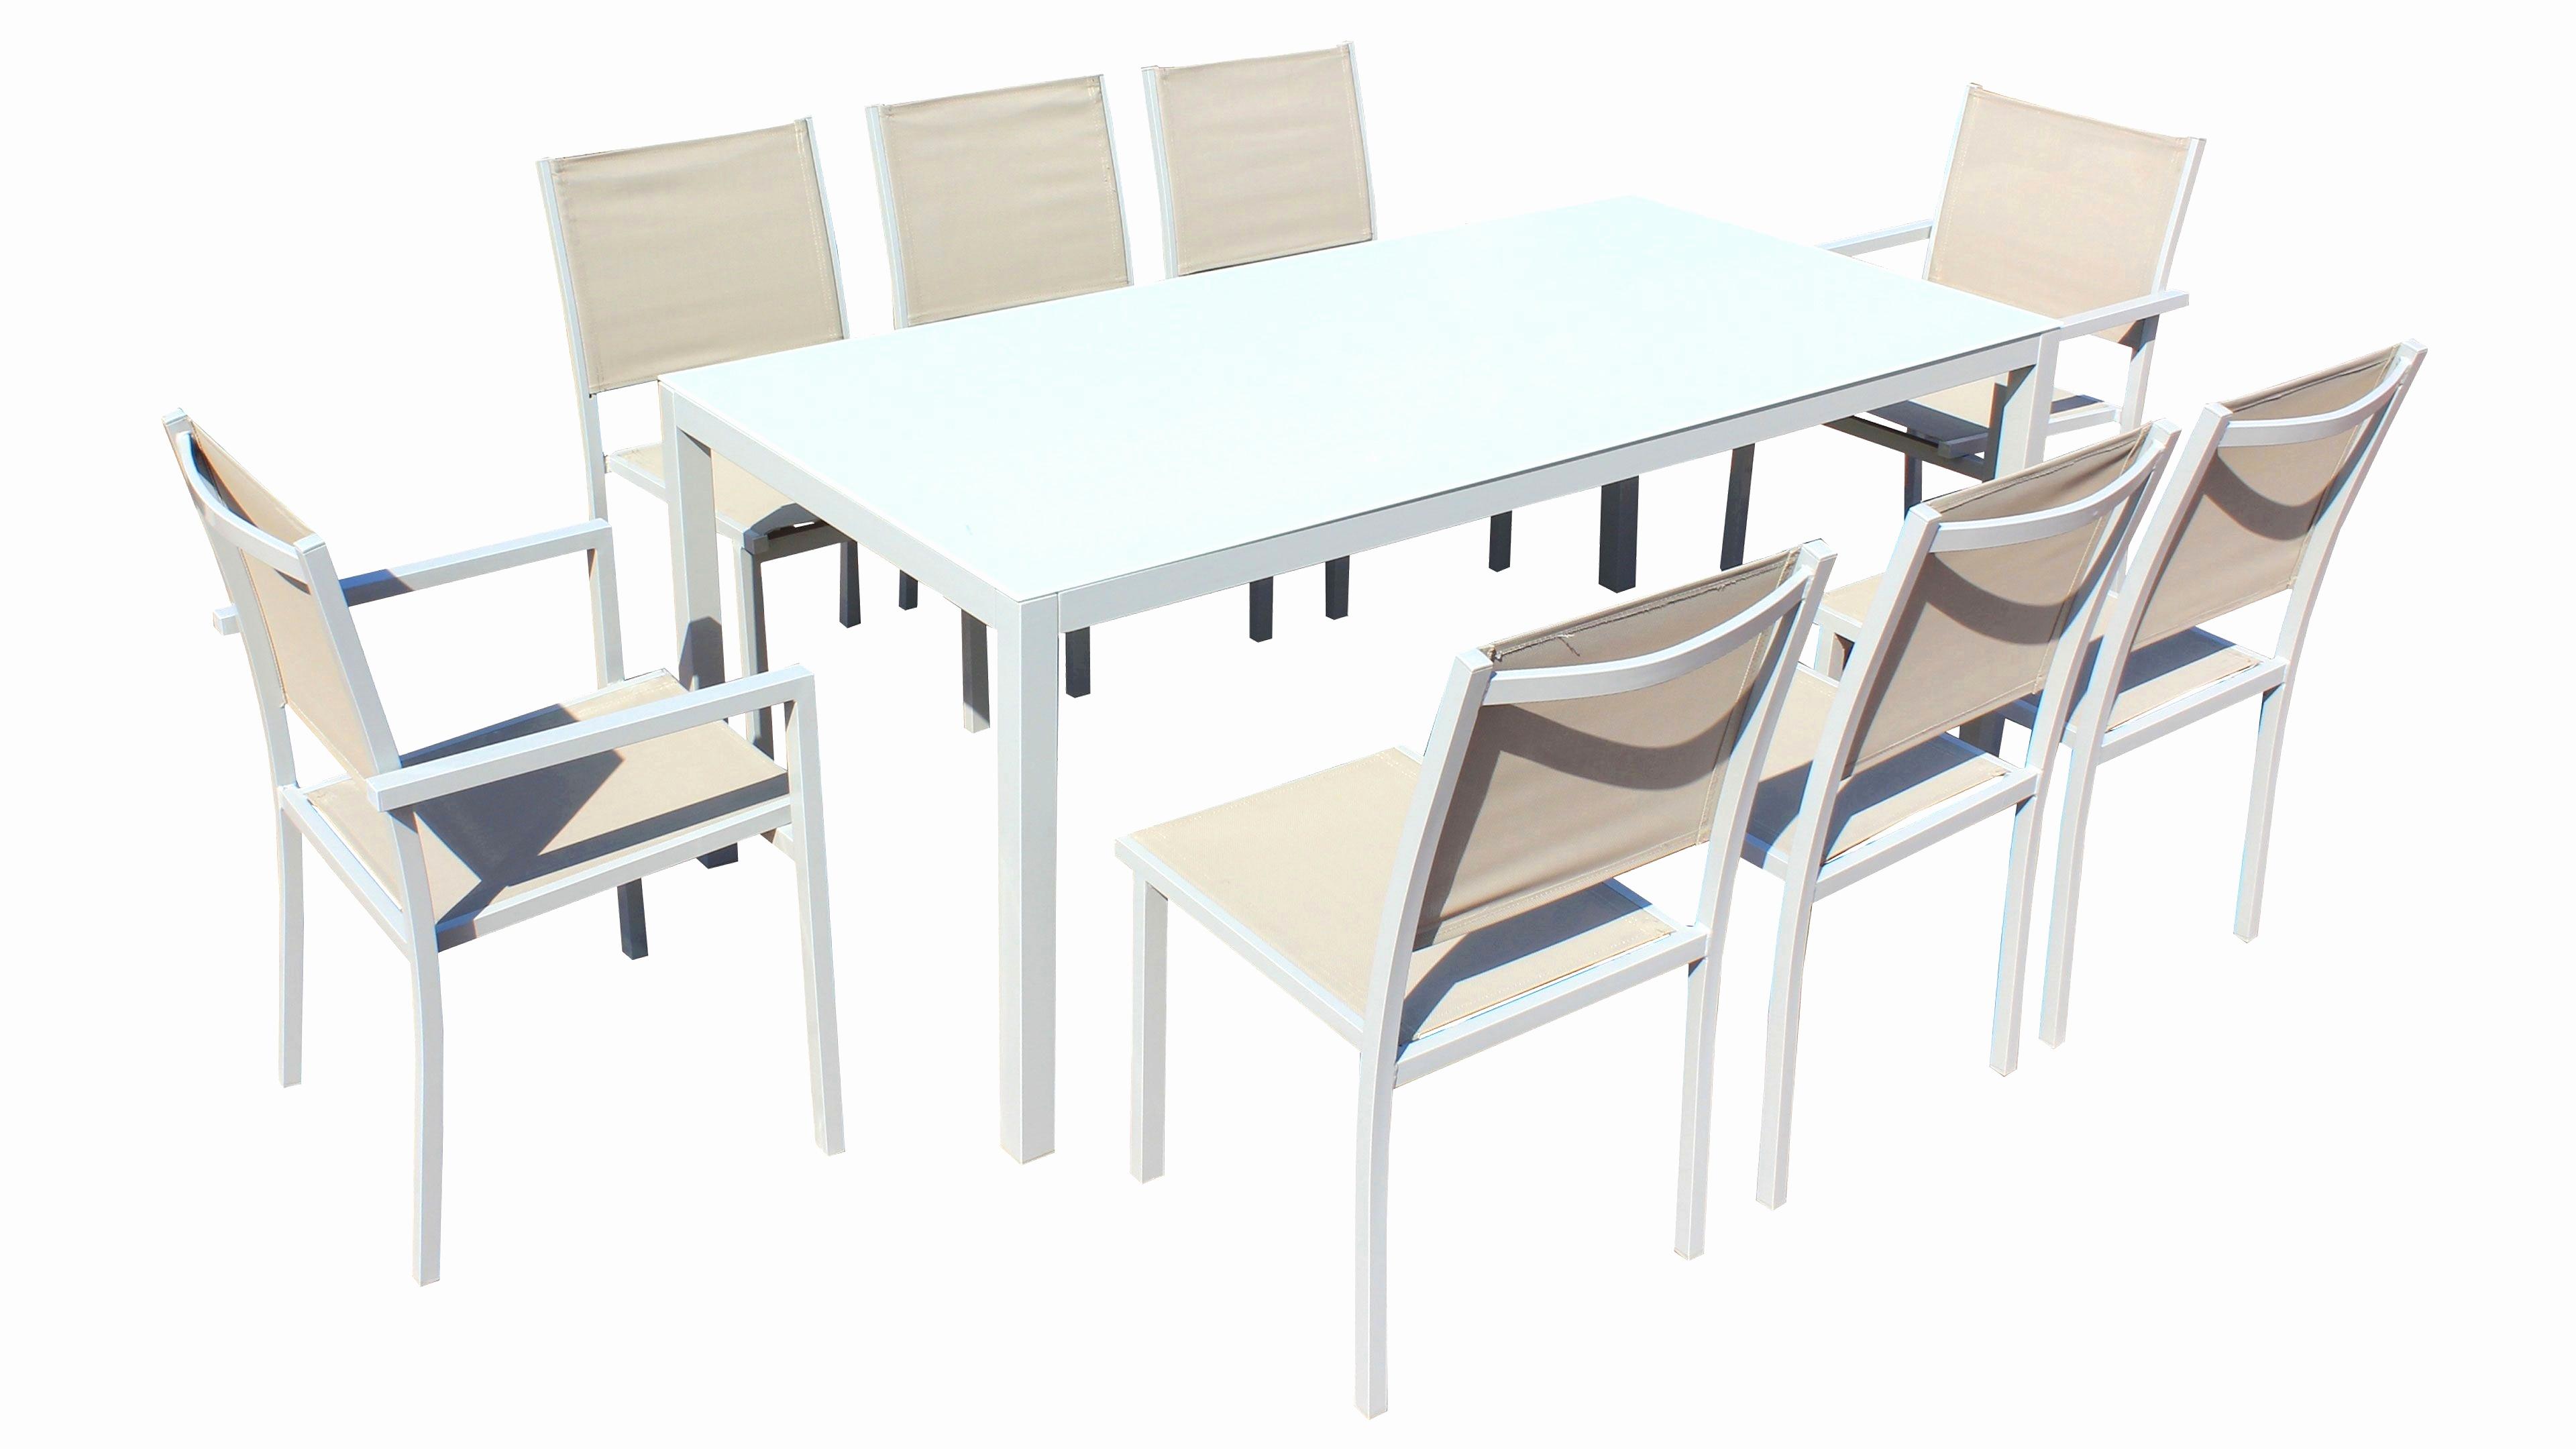 Table De Jardin Alinea Beau Image Mobilier De Jardin Alinea Unique Alinea Meuble Table Haute De Jardin